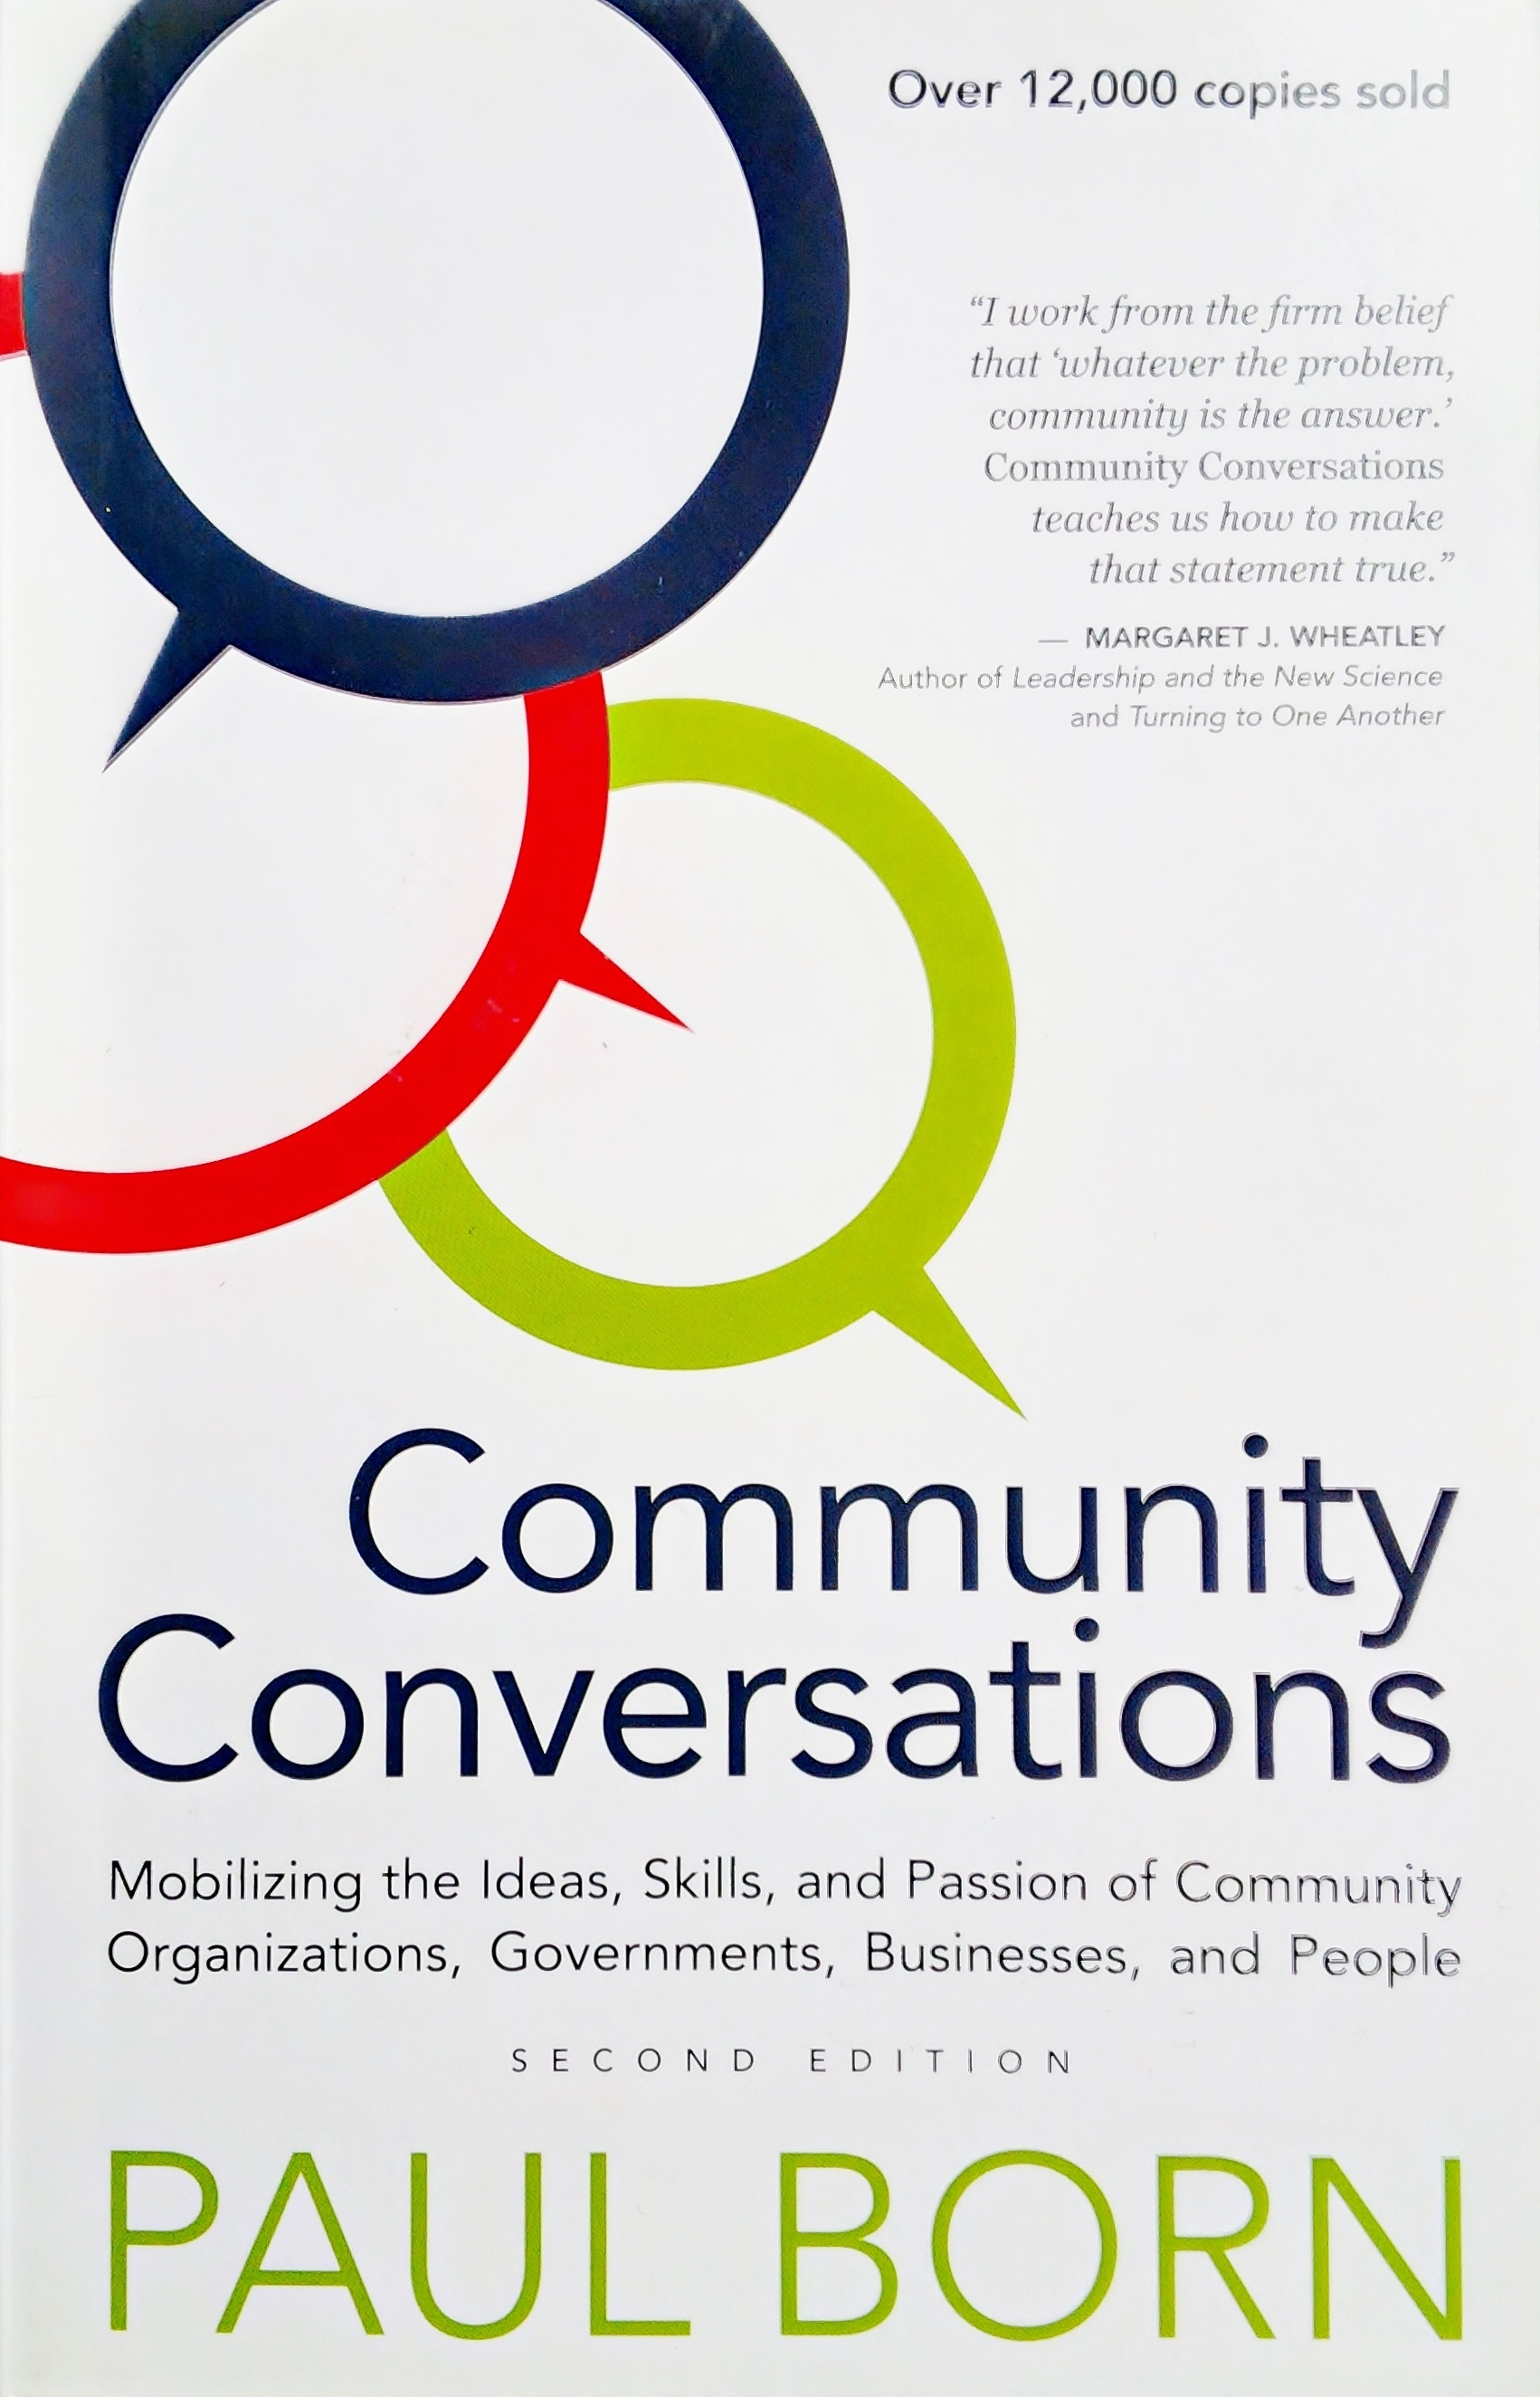 community_conversations_cov_shd-1